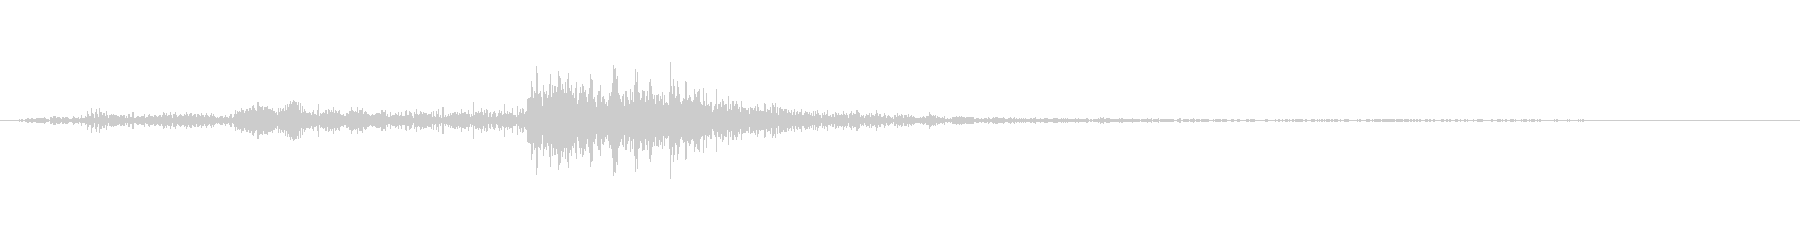 レバーを引く音.02の未再生の波形